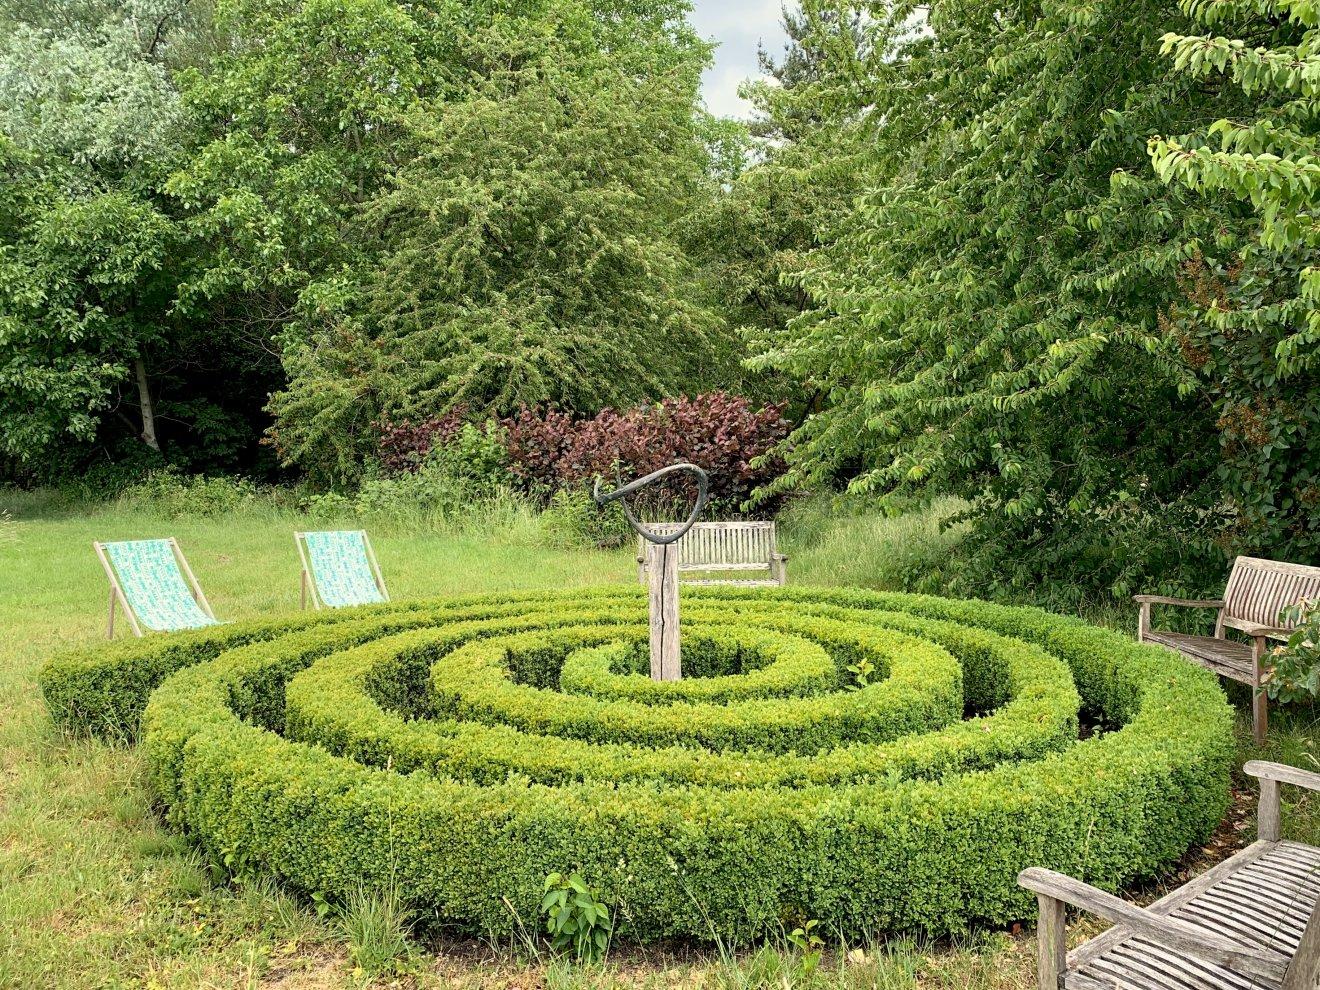 Buchsbaumspirale_Outdoor-Yoga